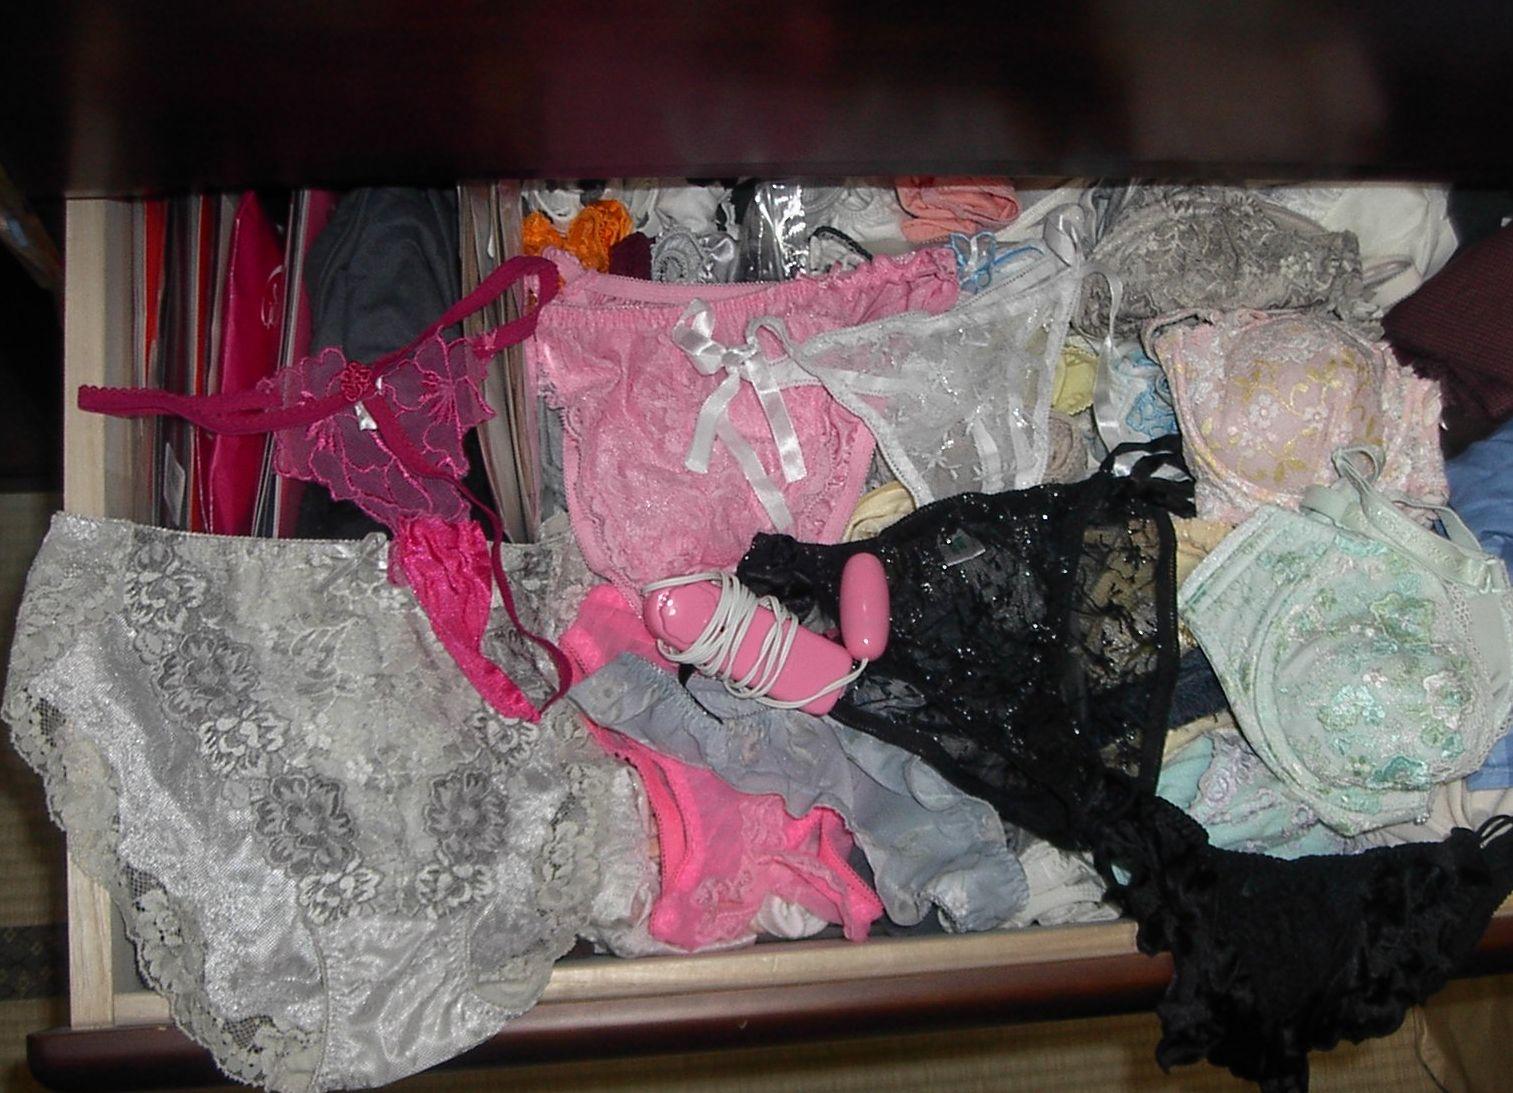 タンスの中の姉の下着とバイブ盗撮エロ画像流出7枚目